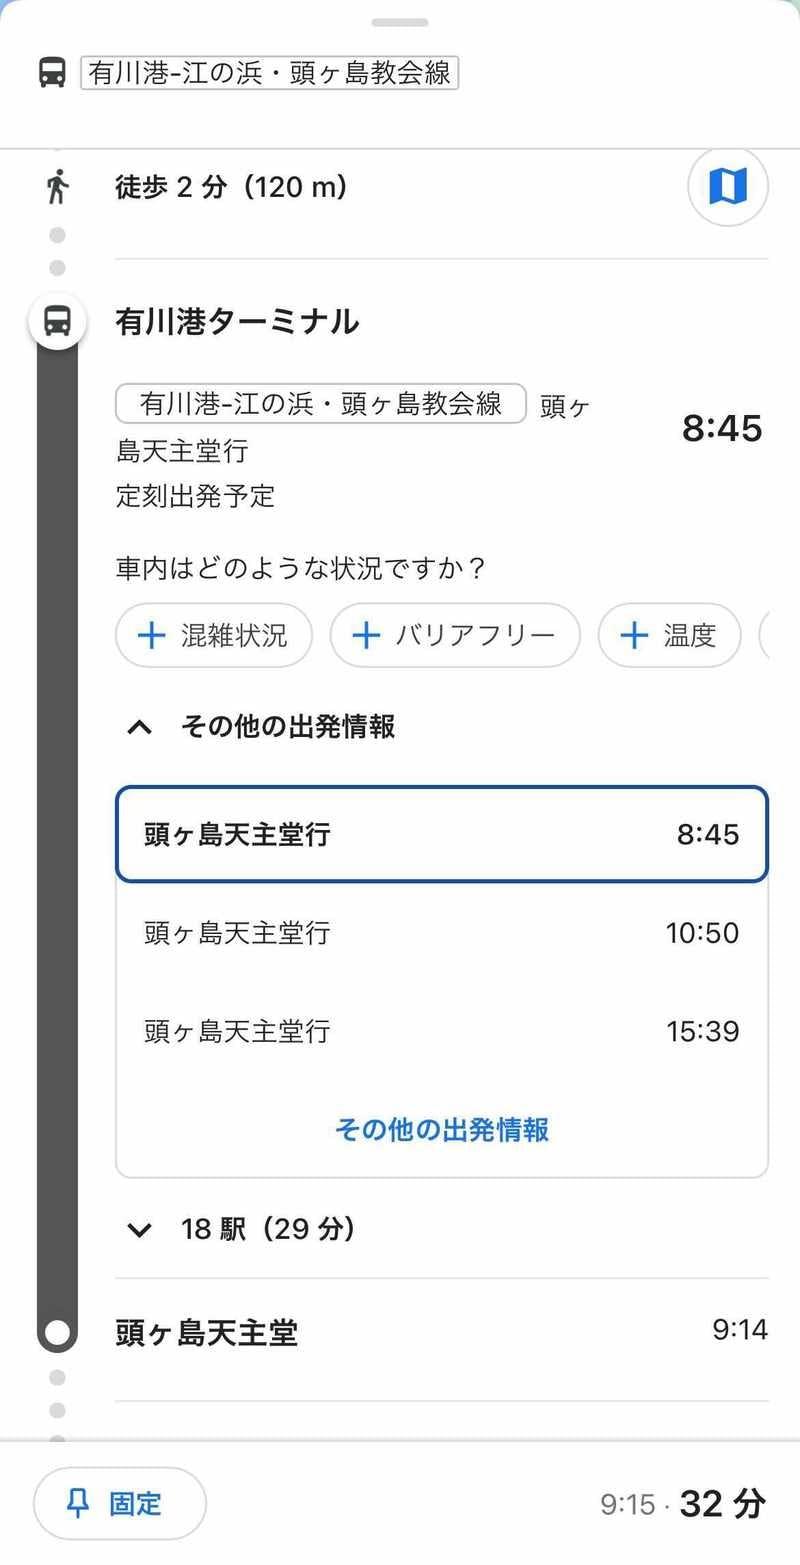 長崎県 Googleマップ 取り組み 事例